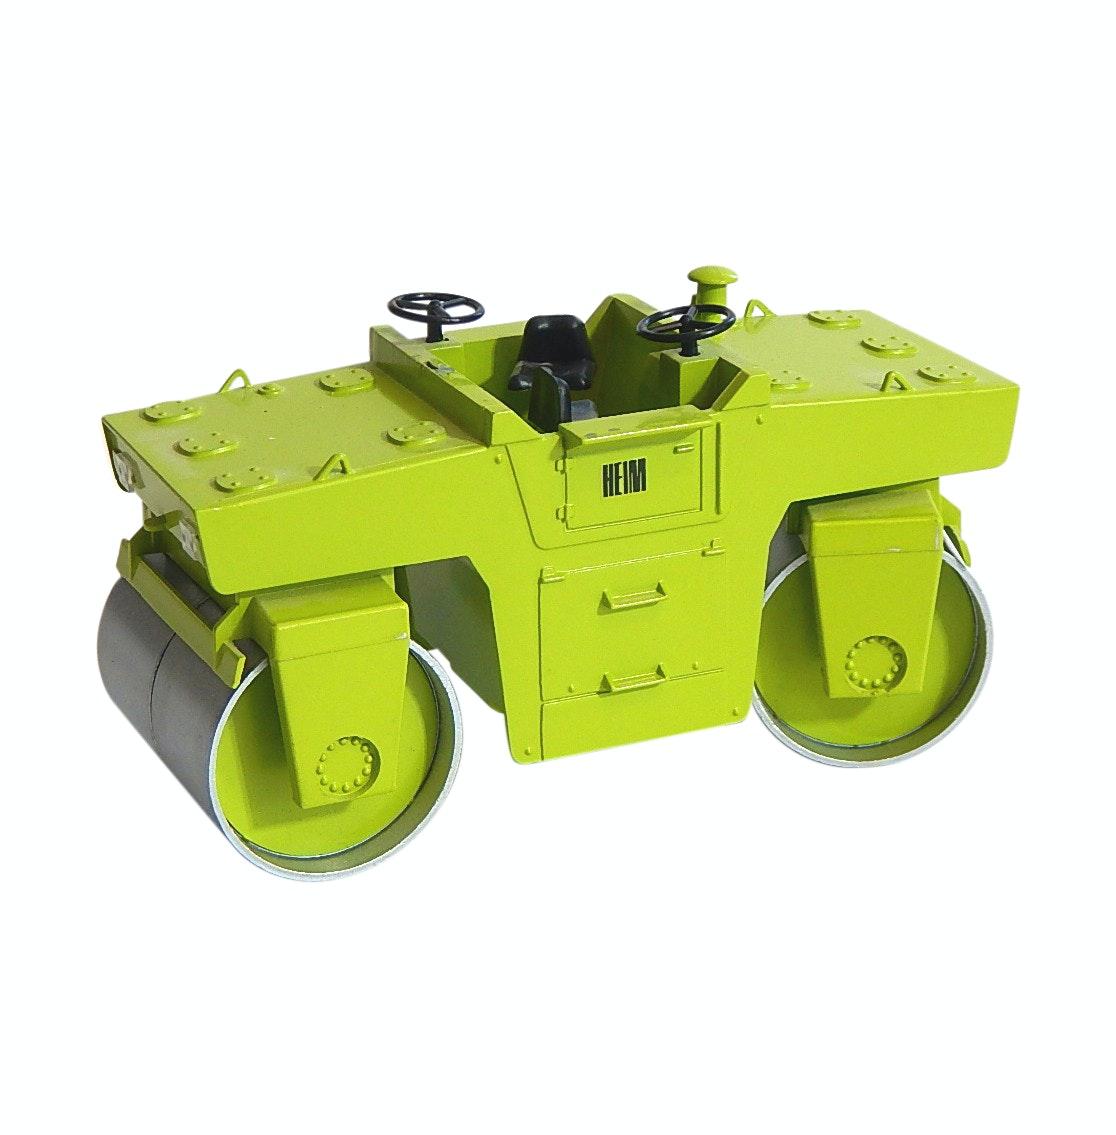 NZG 1:25 No. 224 Vibrating Tandem Roller Die Cast Vehicle